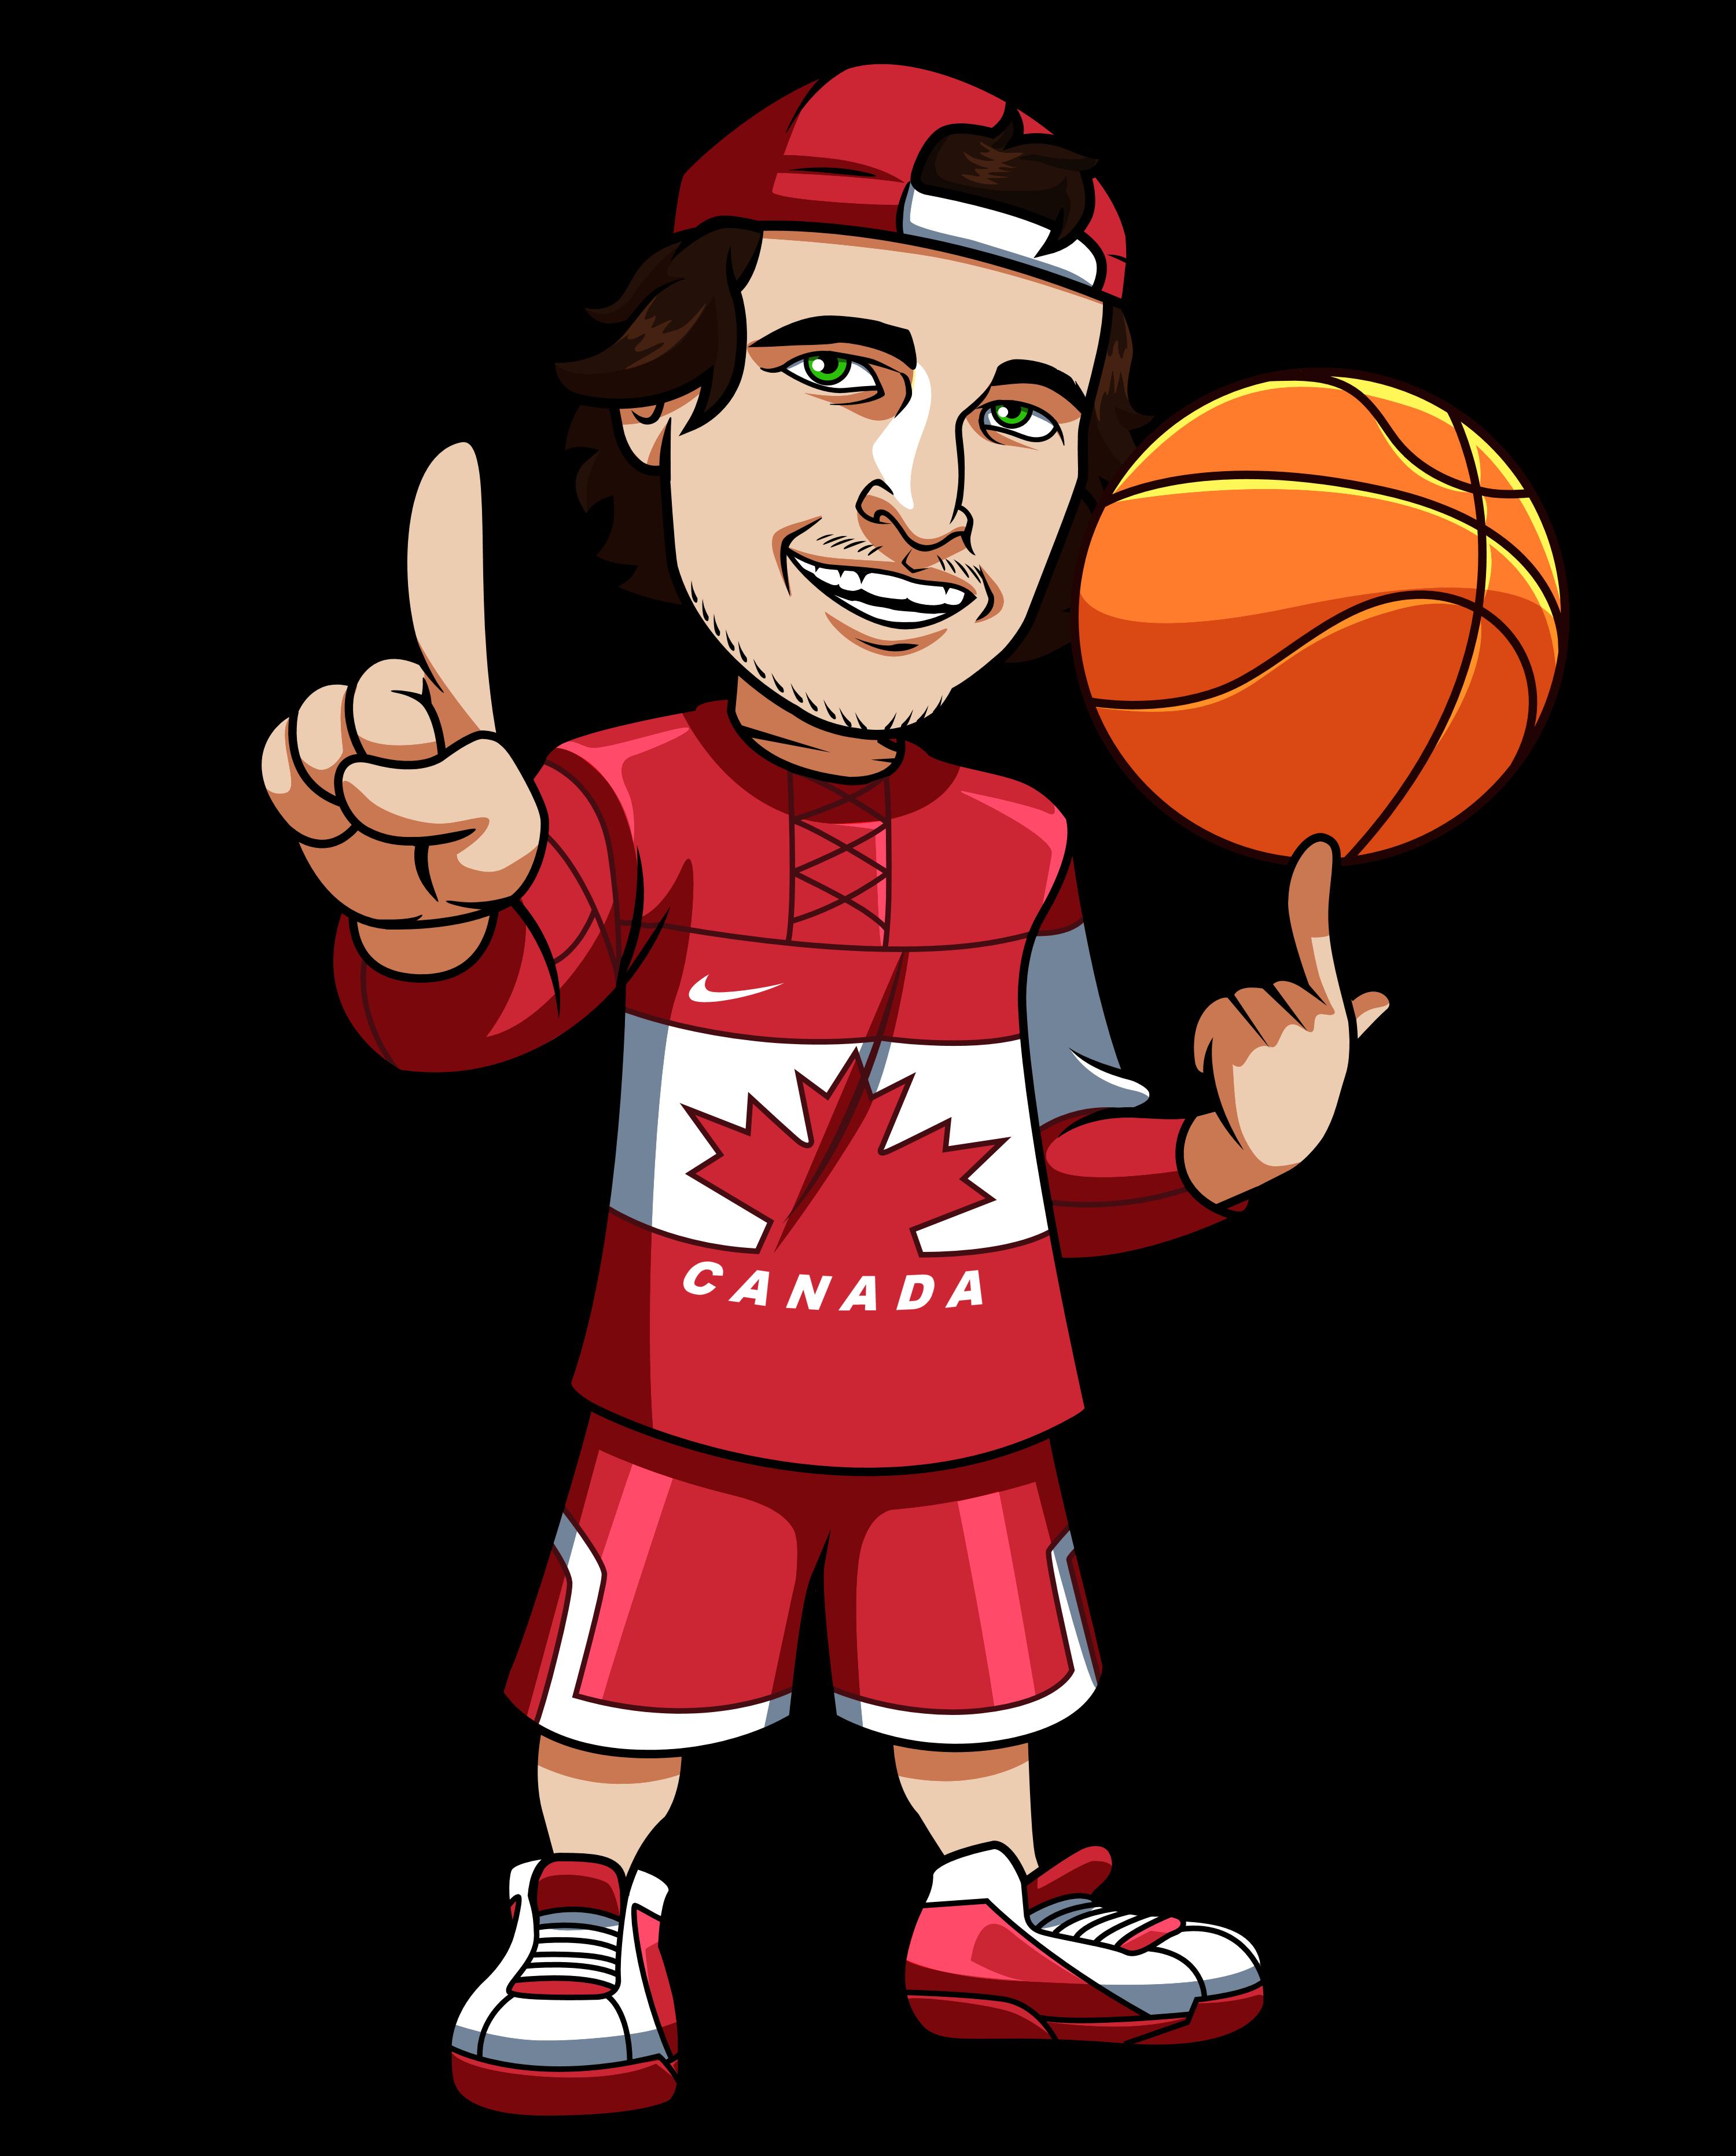 Sports Betting Canadian Basketball Mascot